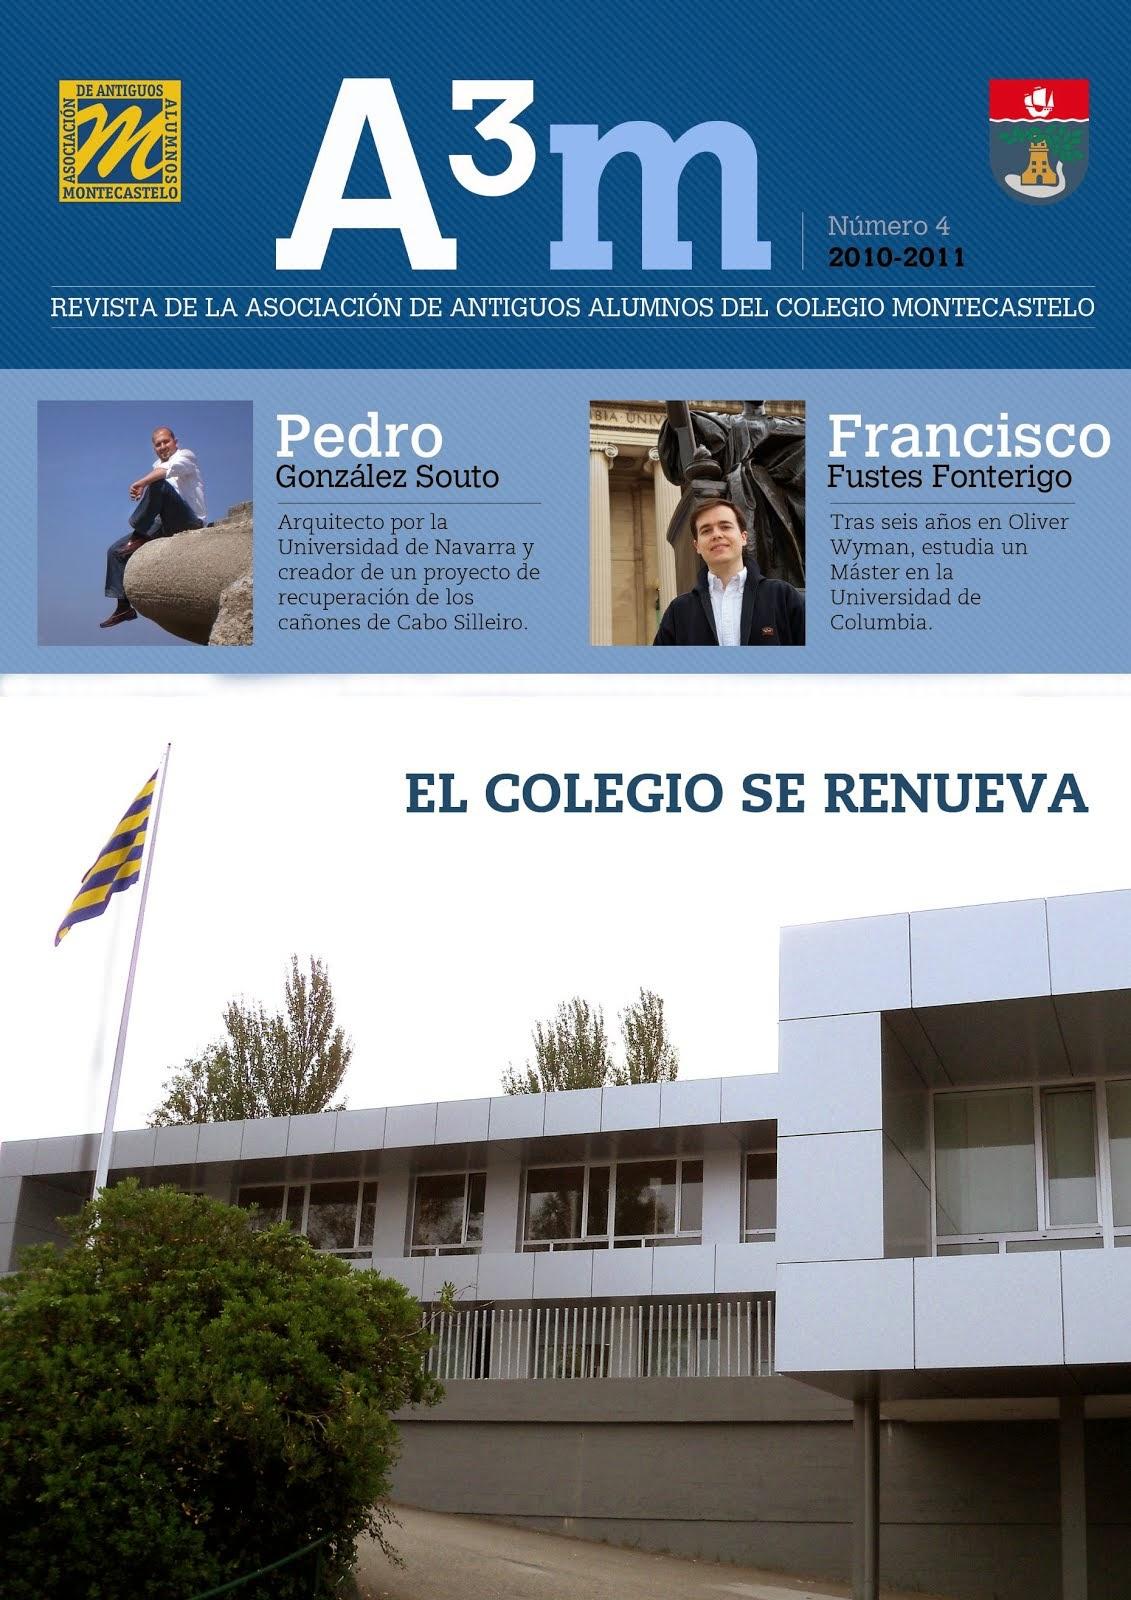 REVISTA A3M Nº4 2011